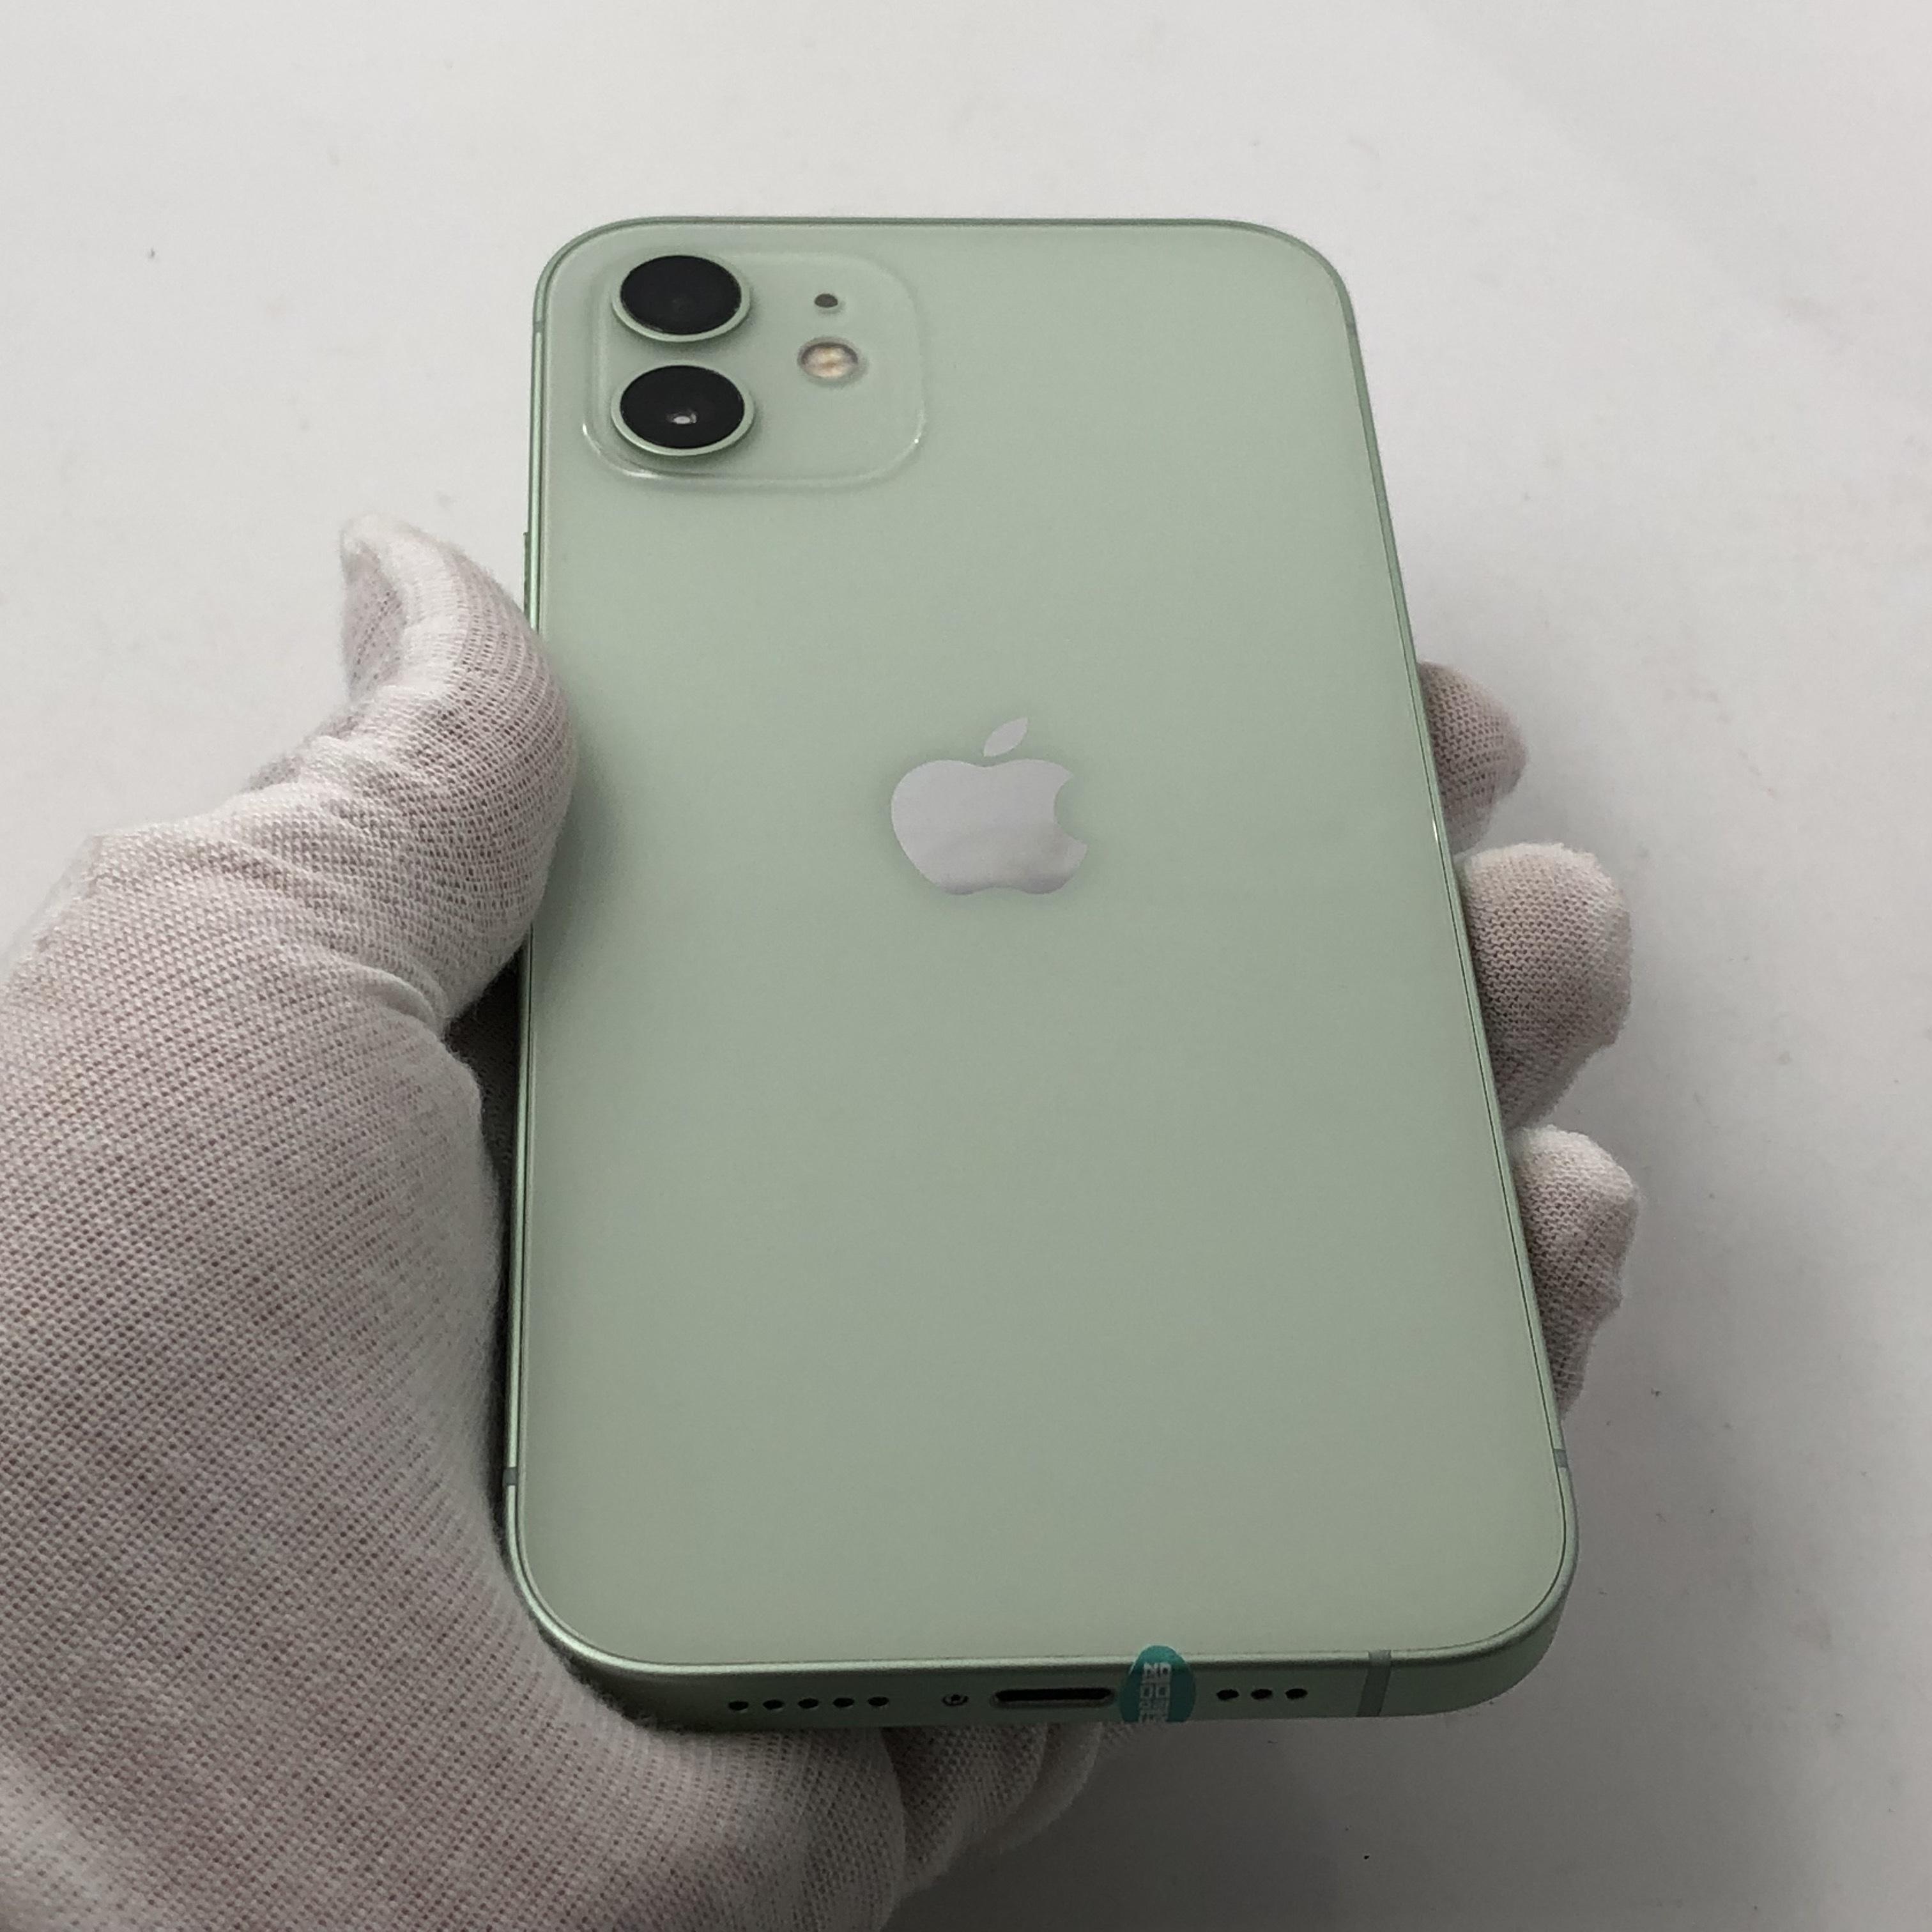 苹果【iPhone 12】5G全网通 绿色 128G 国行 8成新